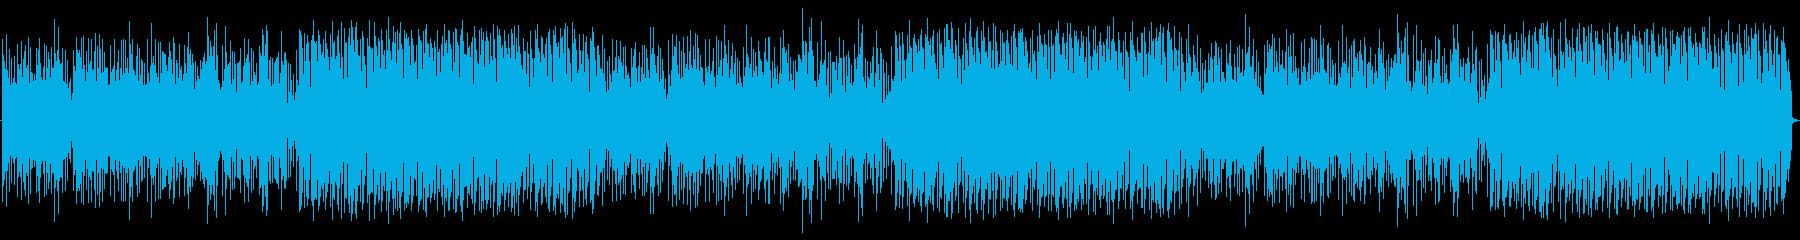 これは、最新のドラムループとチェロ...の再生済みの波形